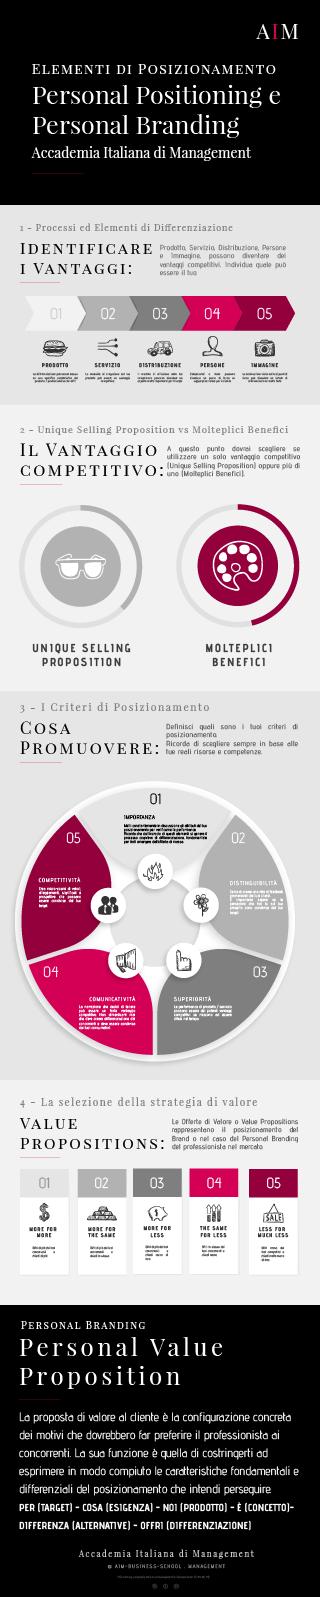 personal branding posizionamento canvas cos'è significato esempi business school corso alta formazione mba master primo livello accademia italiana di management